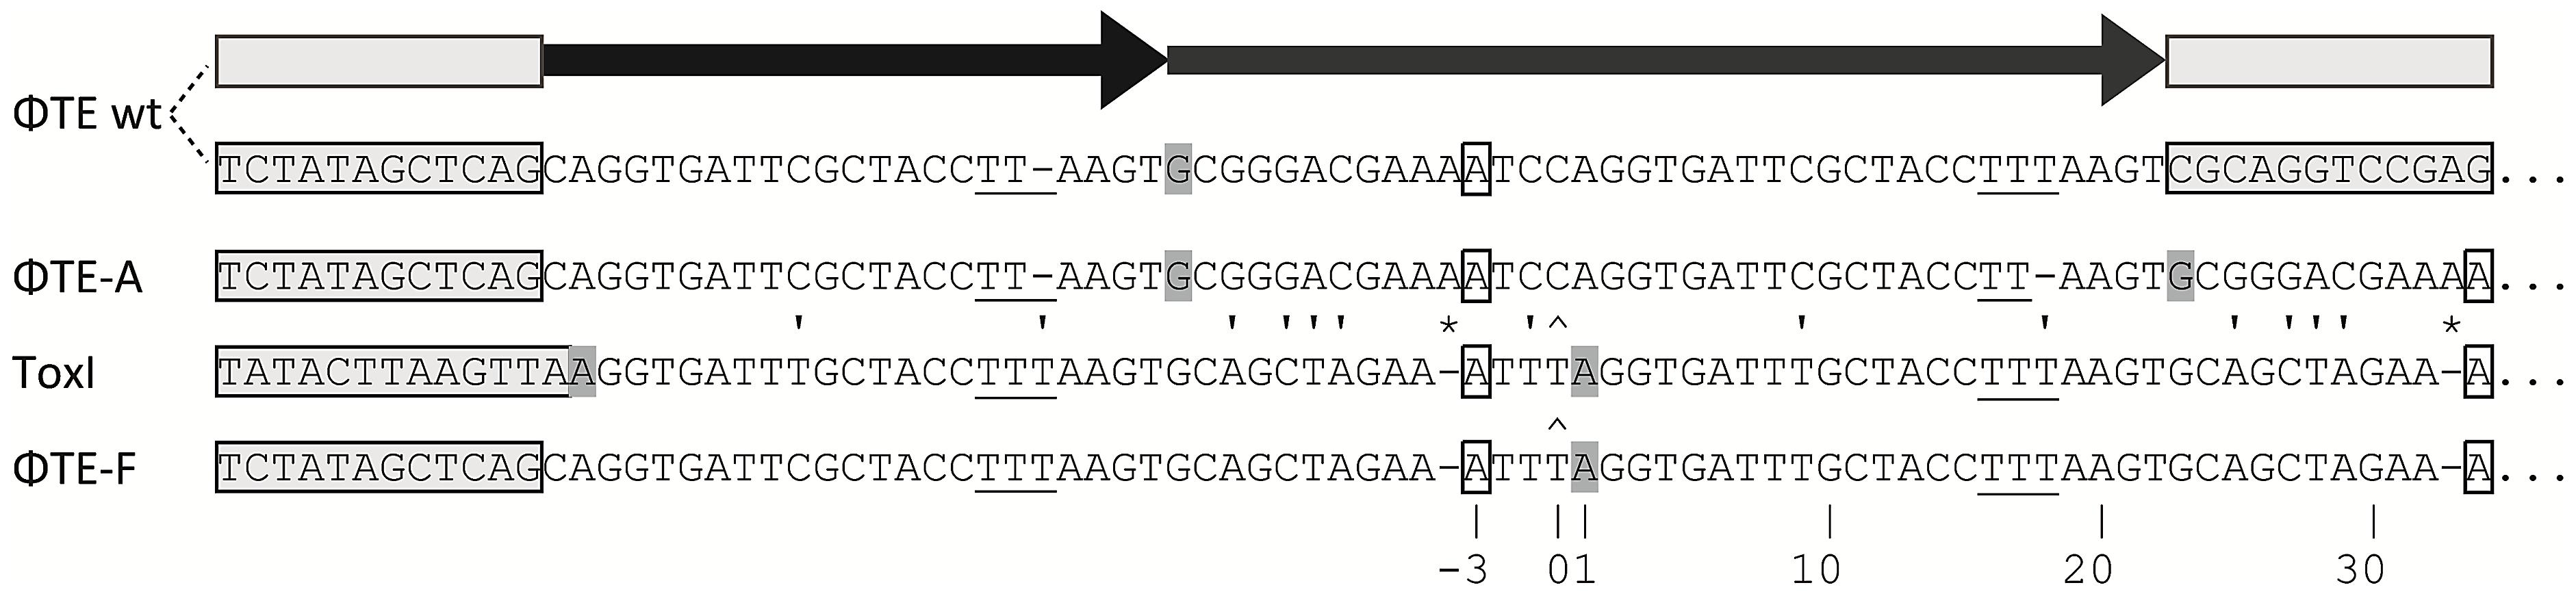 DNA alignment of ΦTE-phage escape loci and comparison with ToxI.